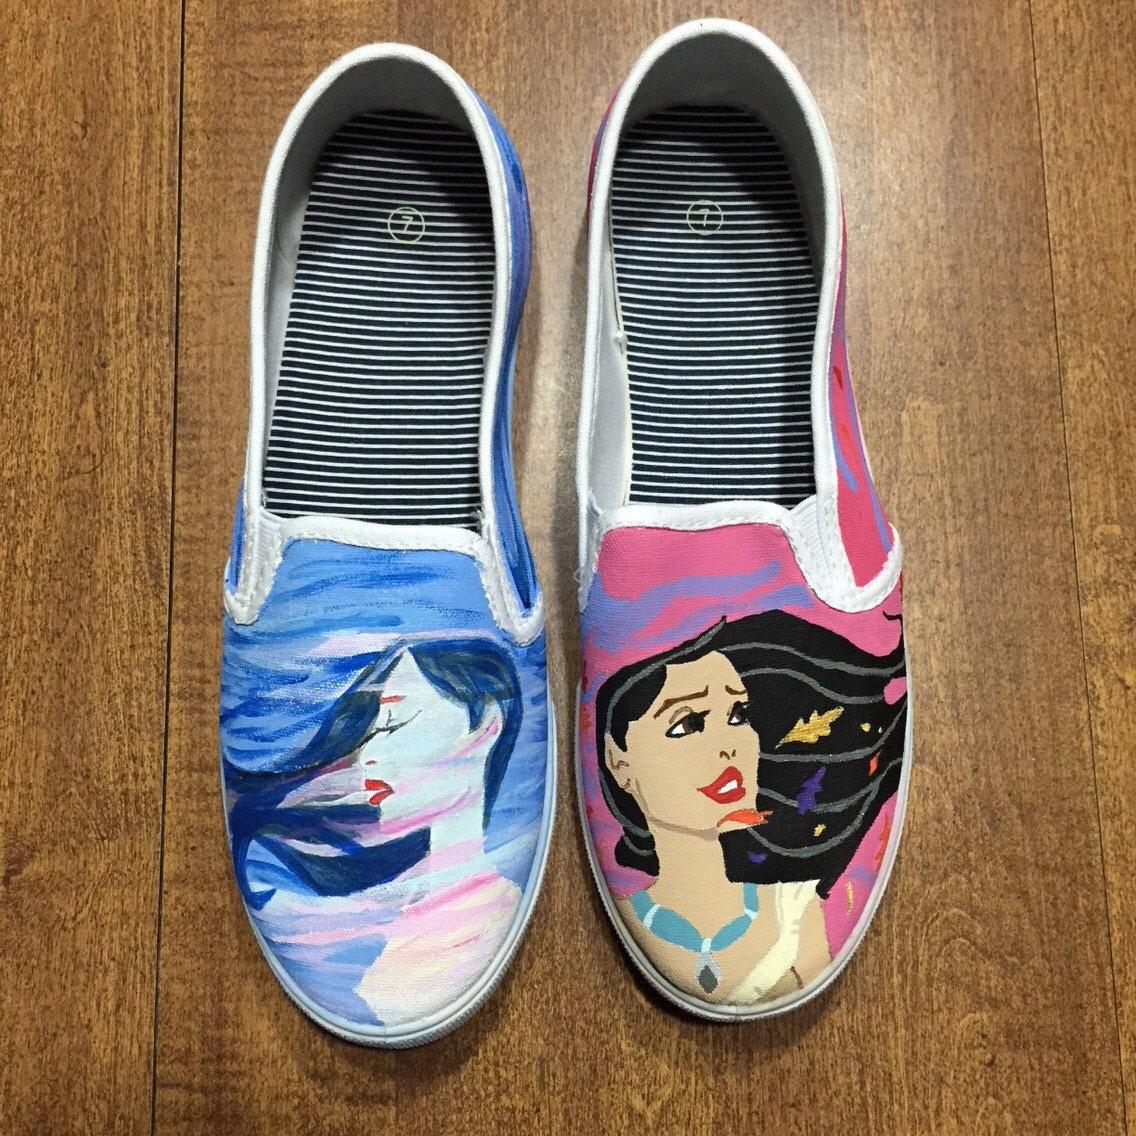 painted disney shoes vans pocahontas